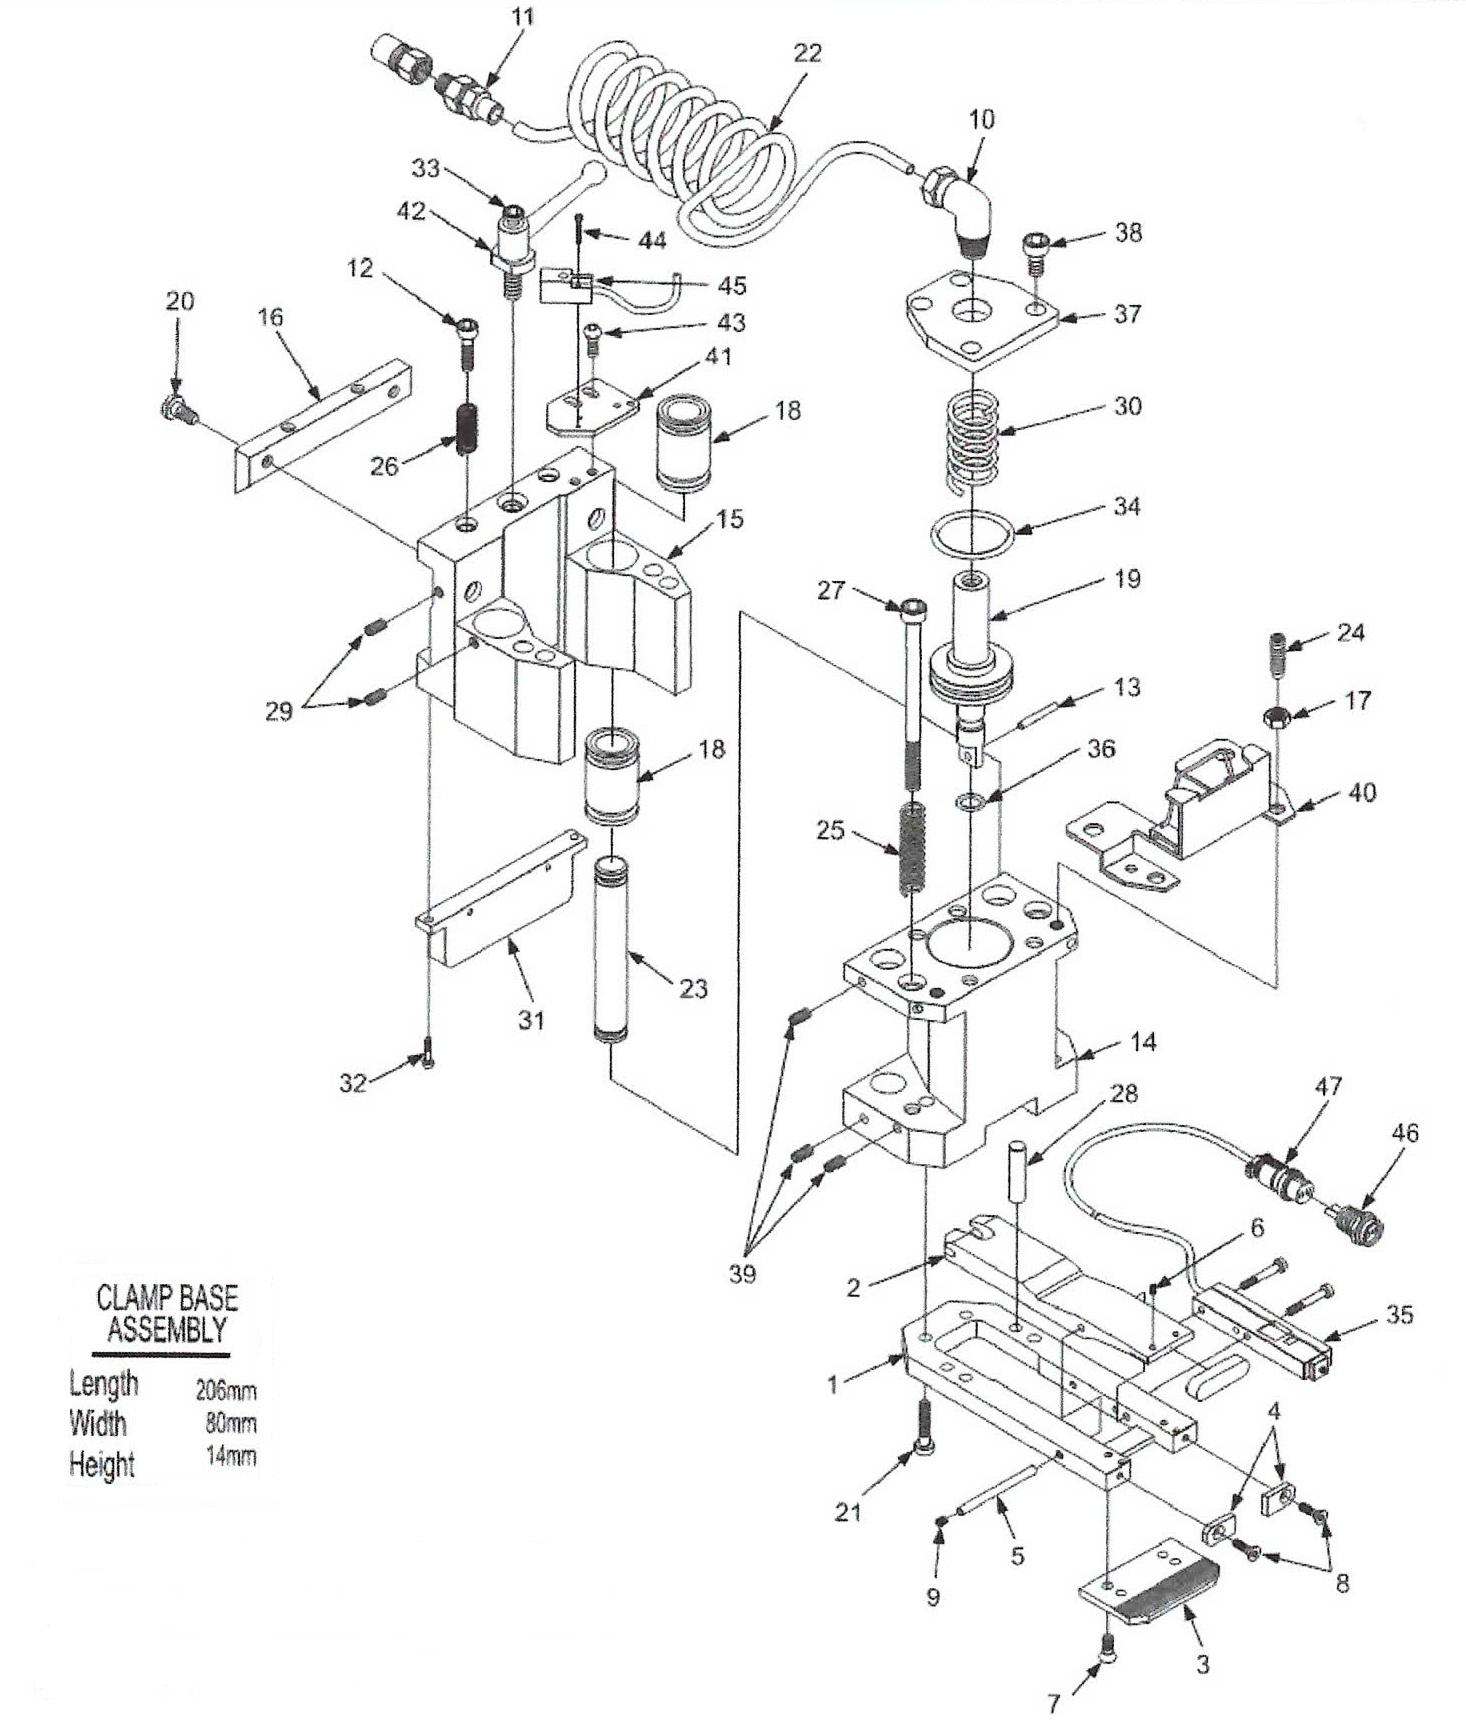 Amada Clamp Parts